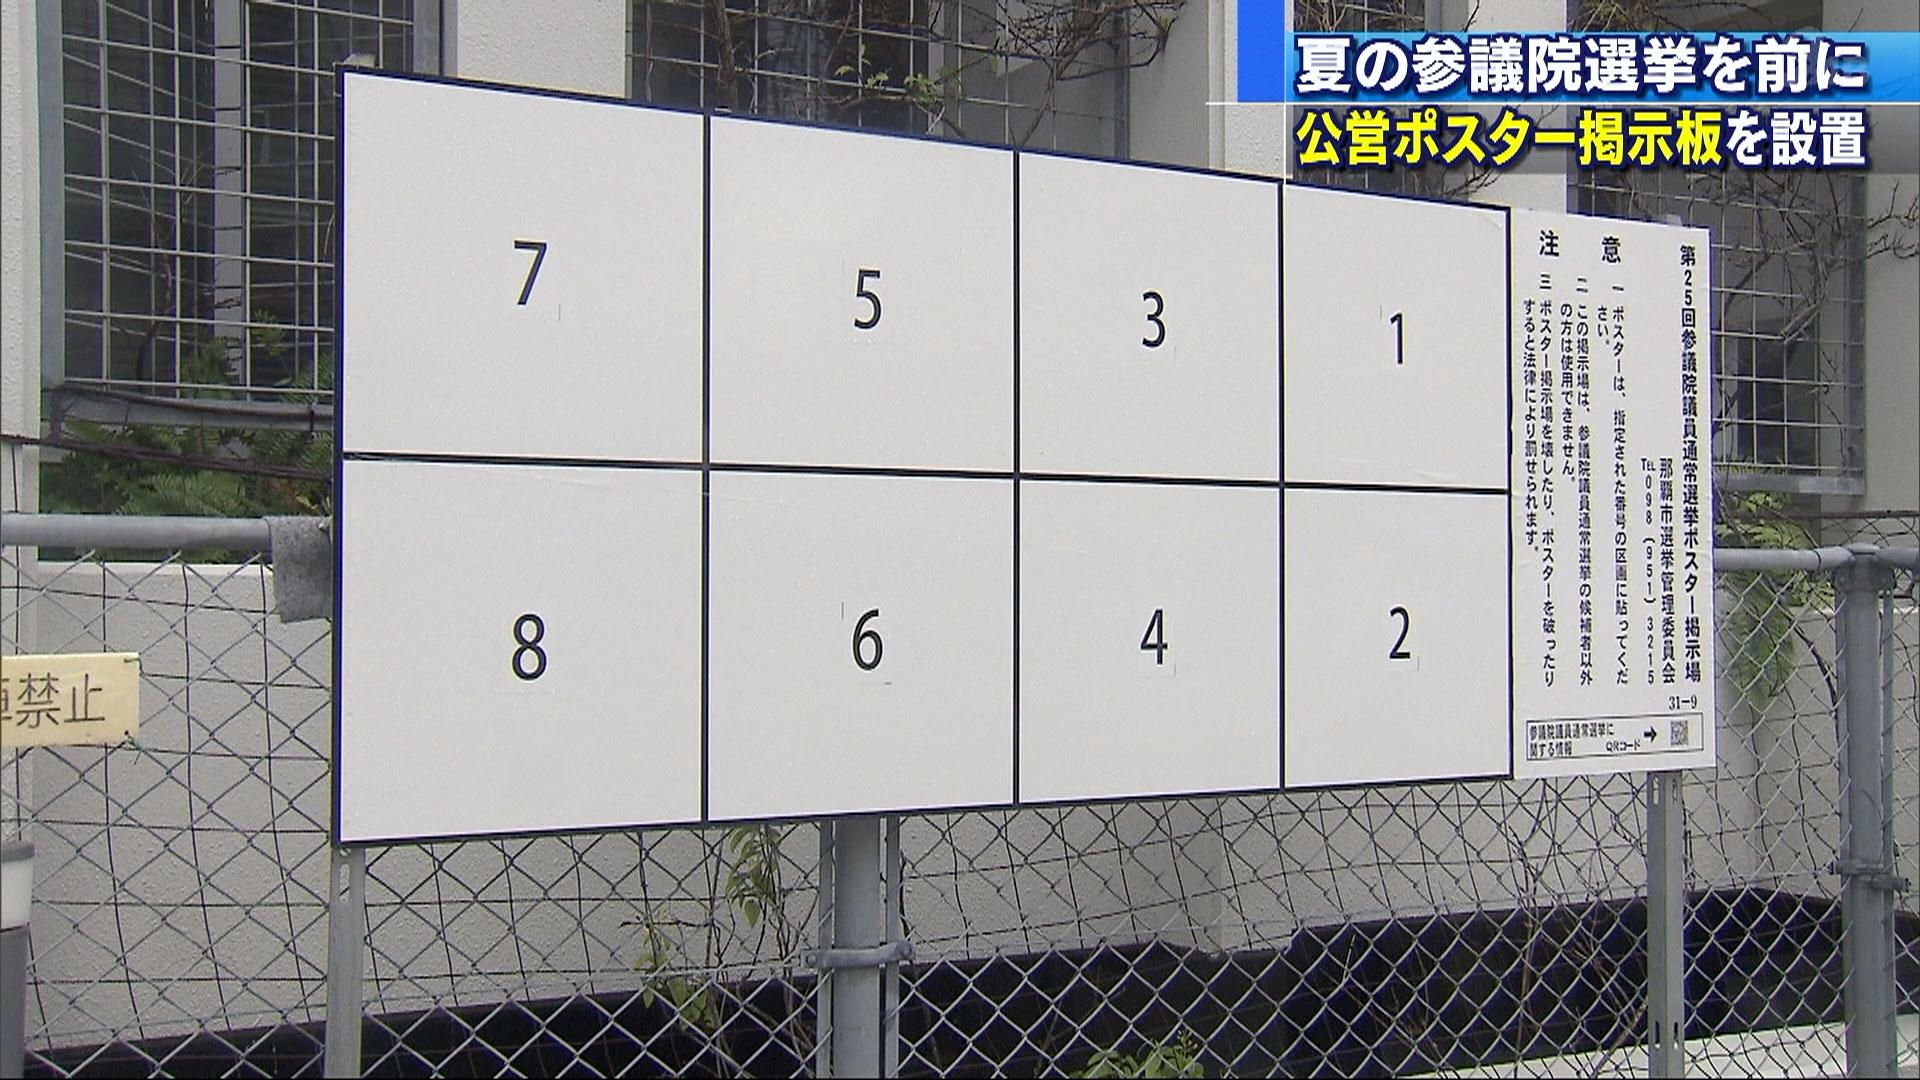 参議院選挙 那覇市選管が公営ポスター掲示板を設置